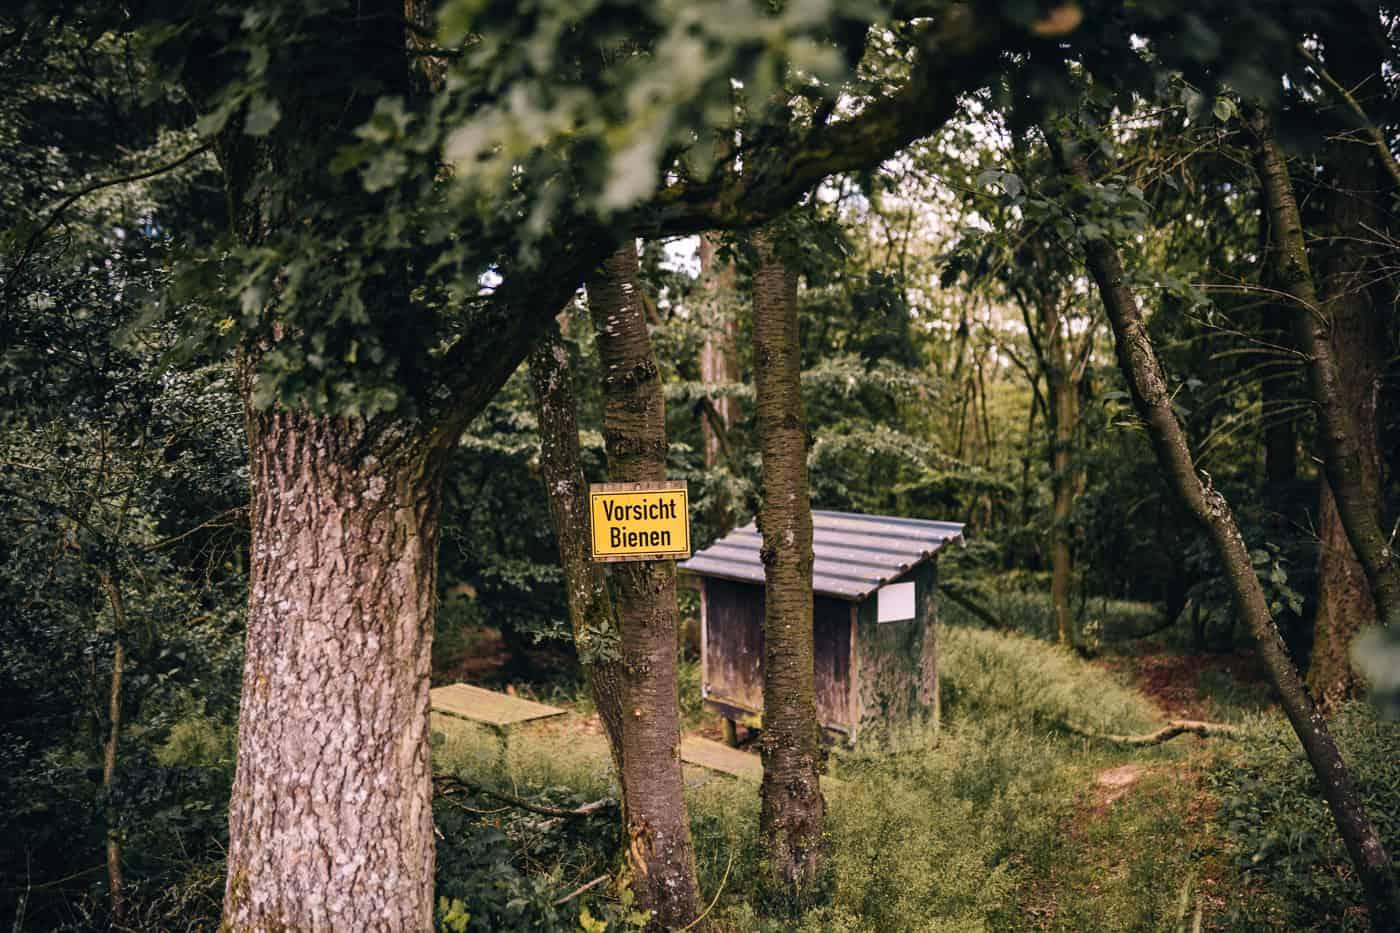 Baybachklamm Traumschleife Wanderung - Imker